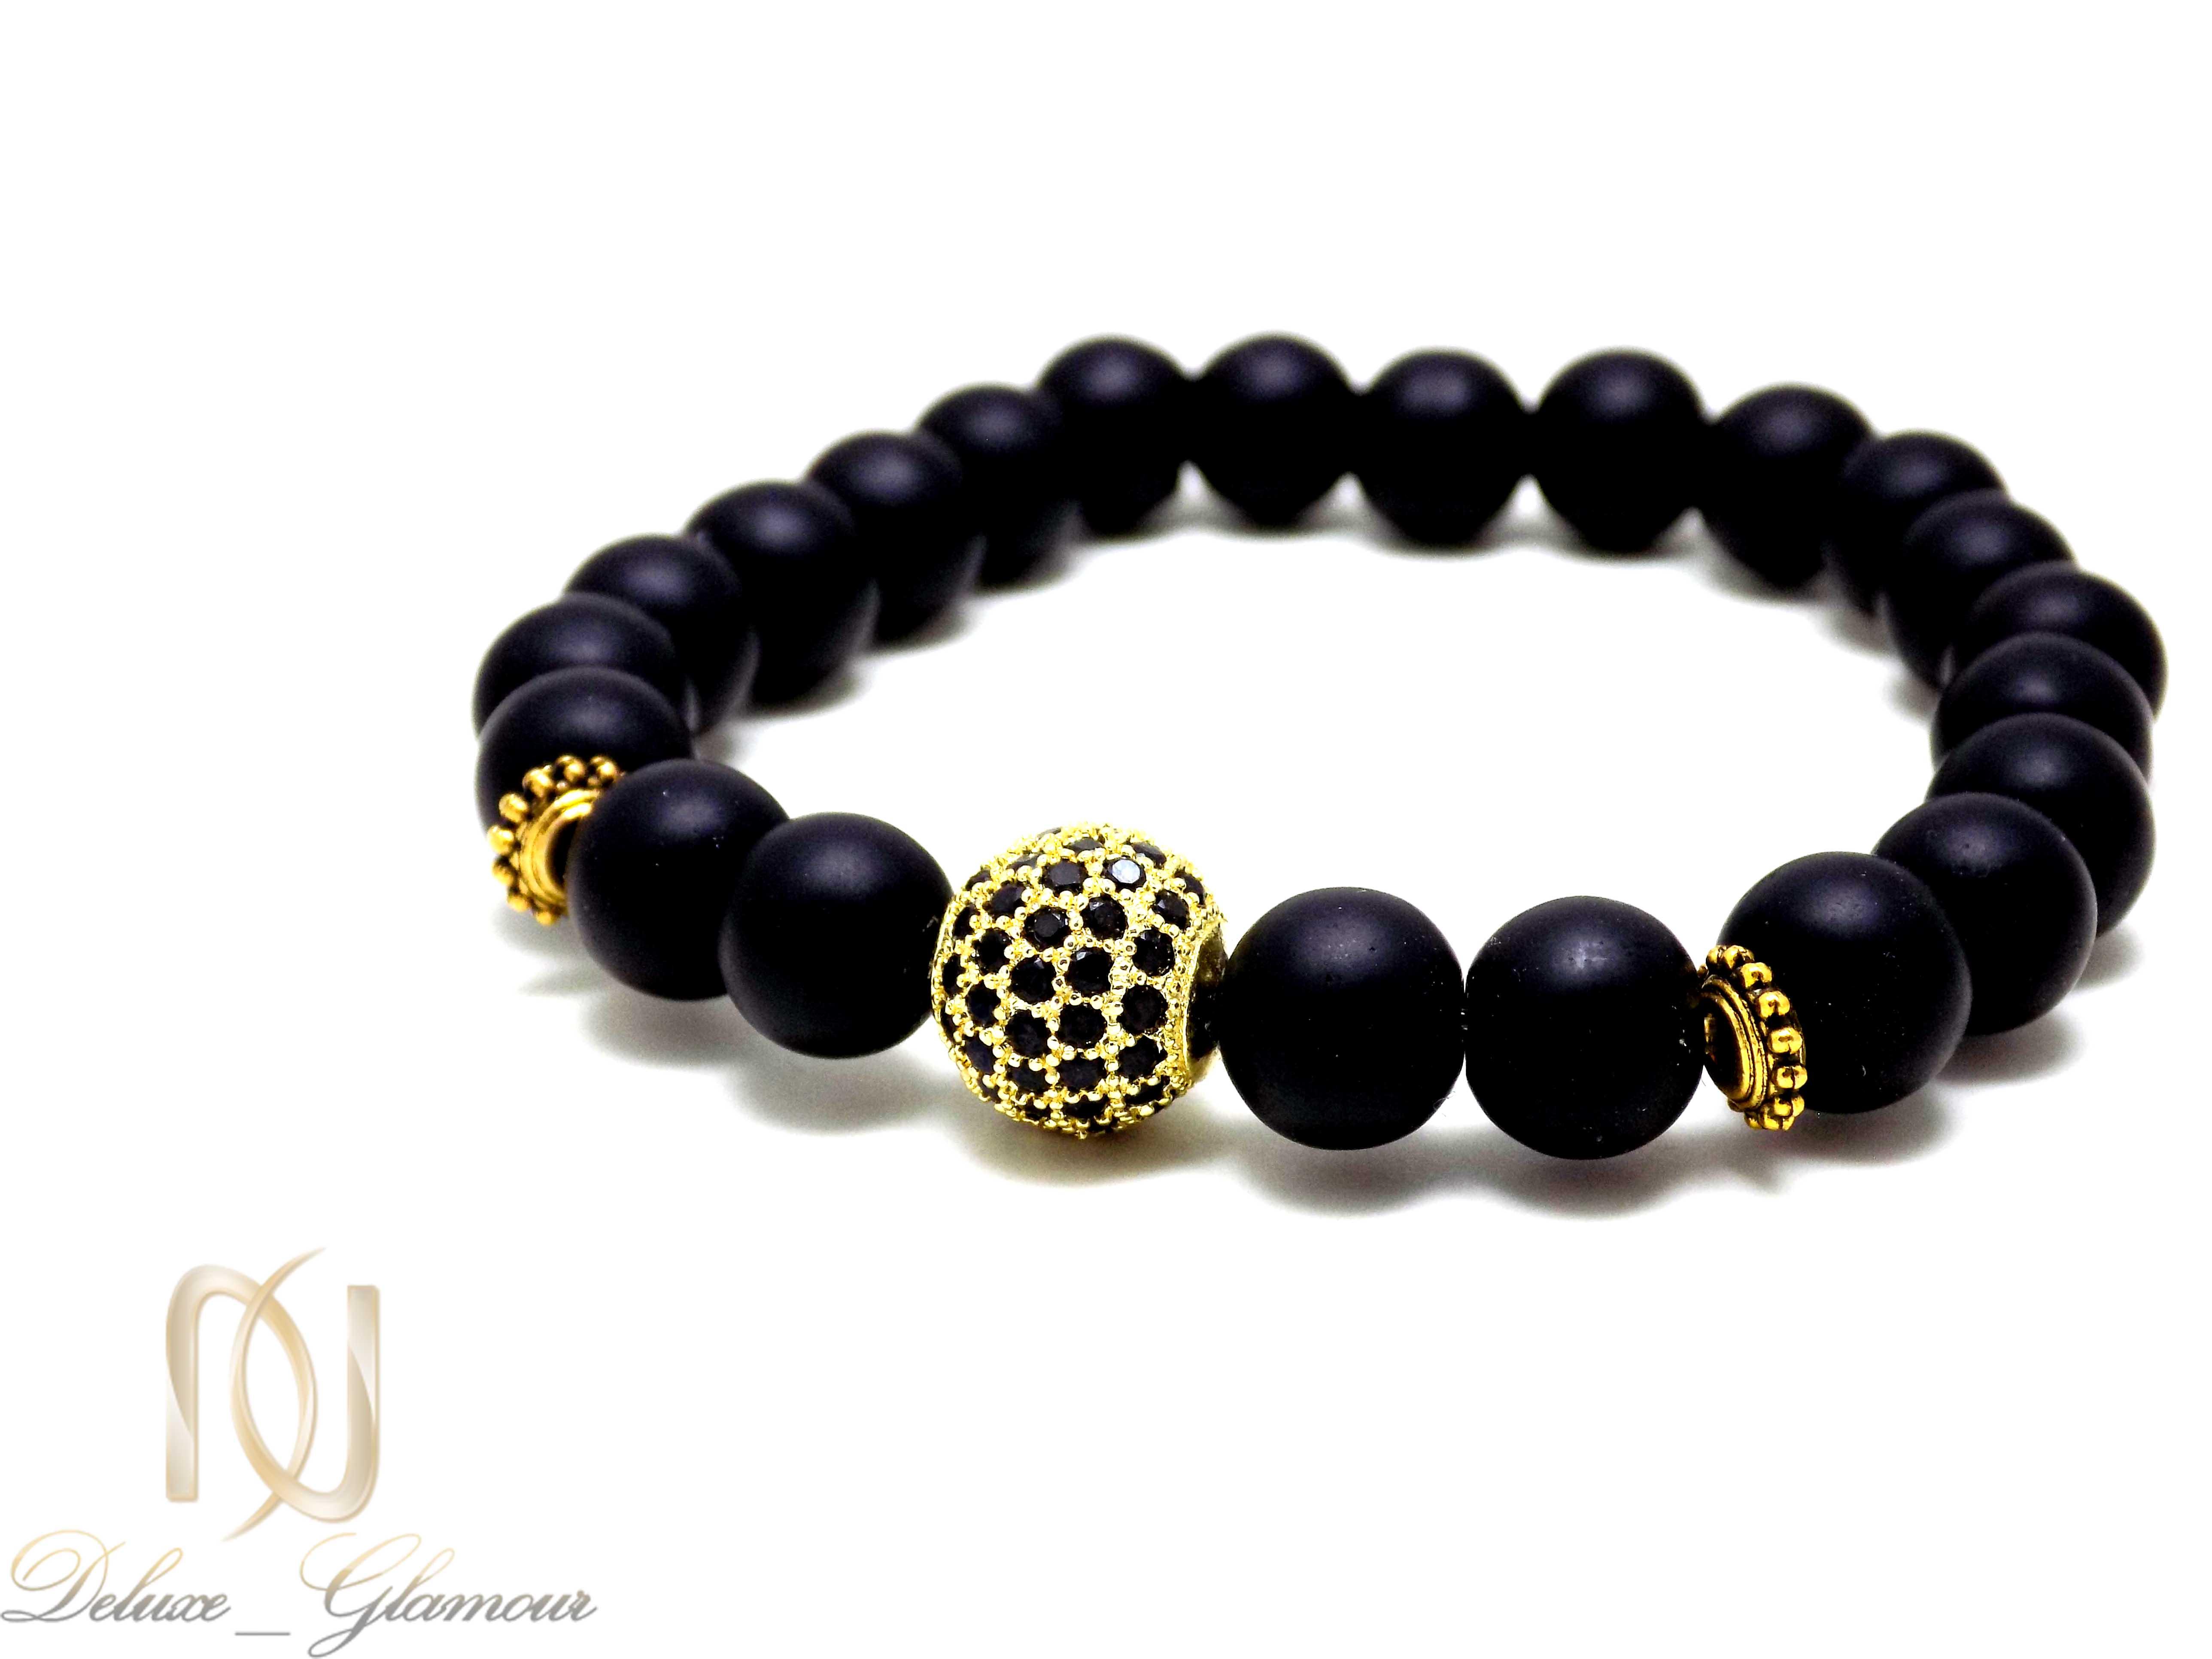 ست دستبند دخترانه و پسرانه طرح کروی Ds-n331 - مهره طلایی